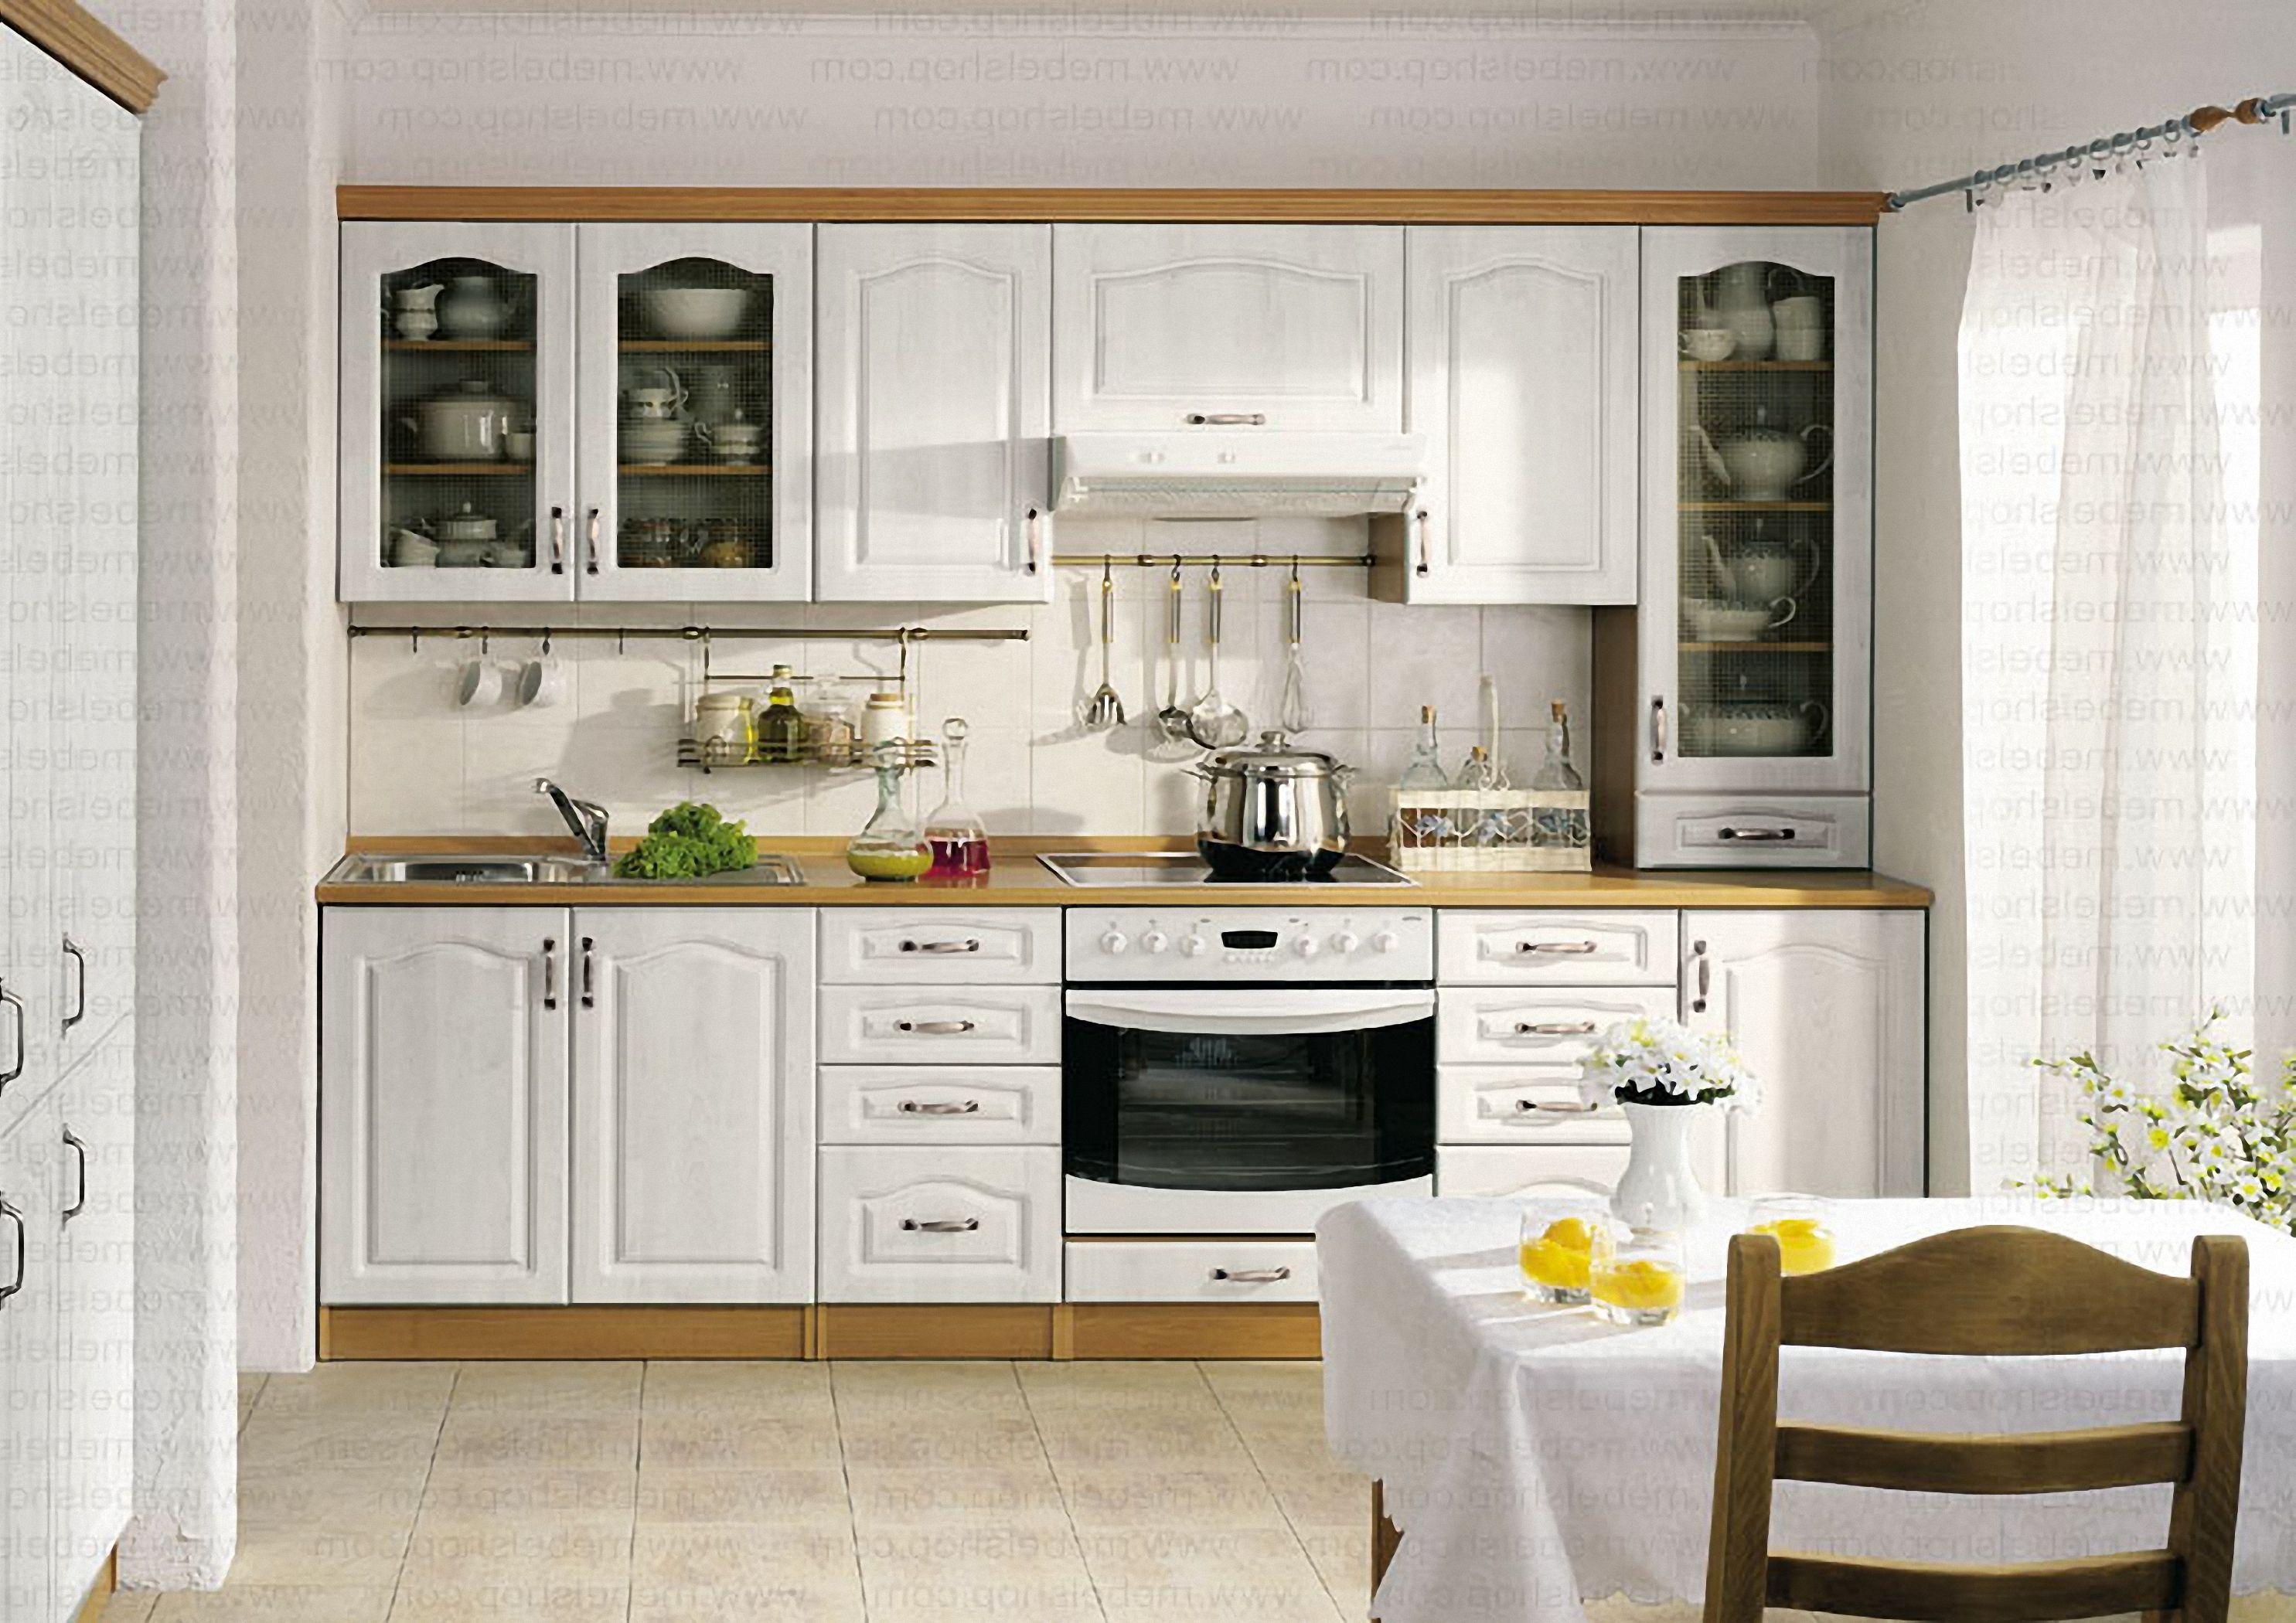 Kuchnia Prowansalska Ciepłe I Przytulne Wnętrze